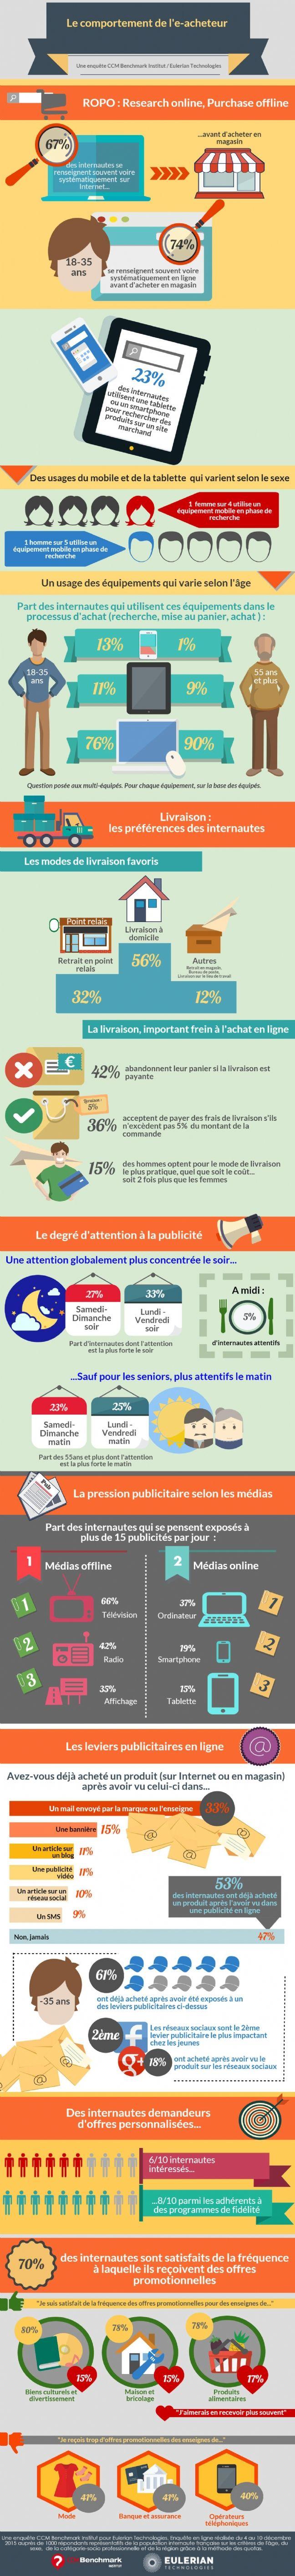 53% des internautes achètent après avoir vu une publicité ...